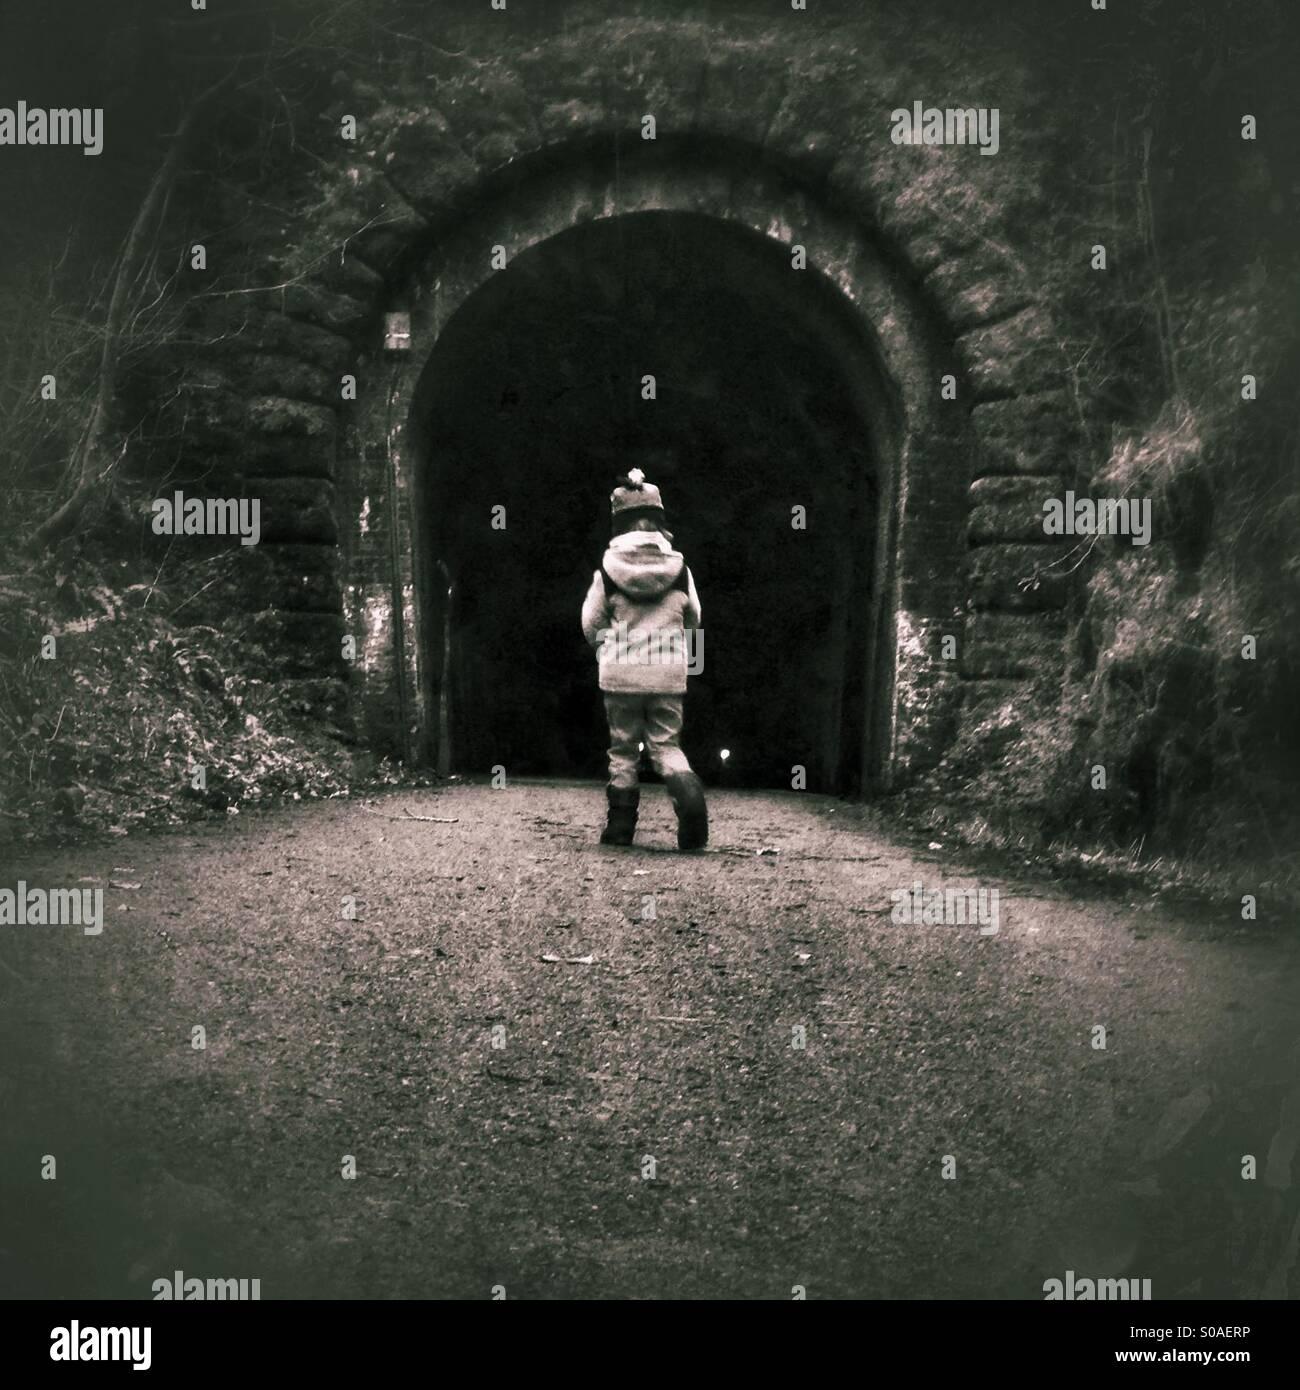 Chico entrando en túnel solo Imagen De Stock